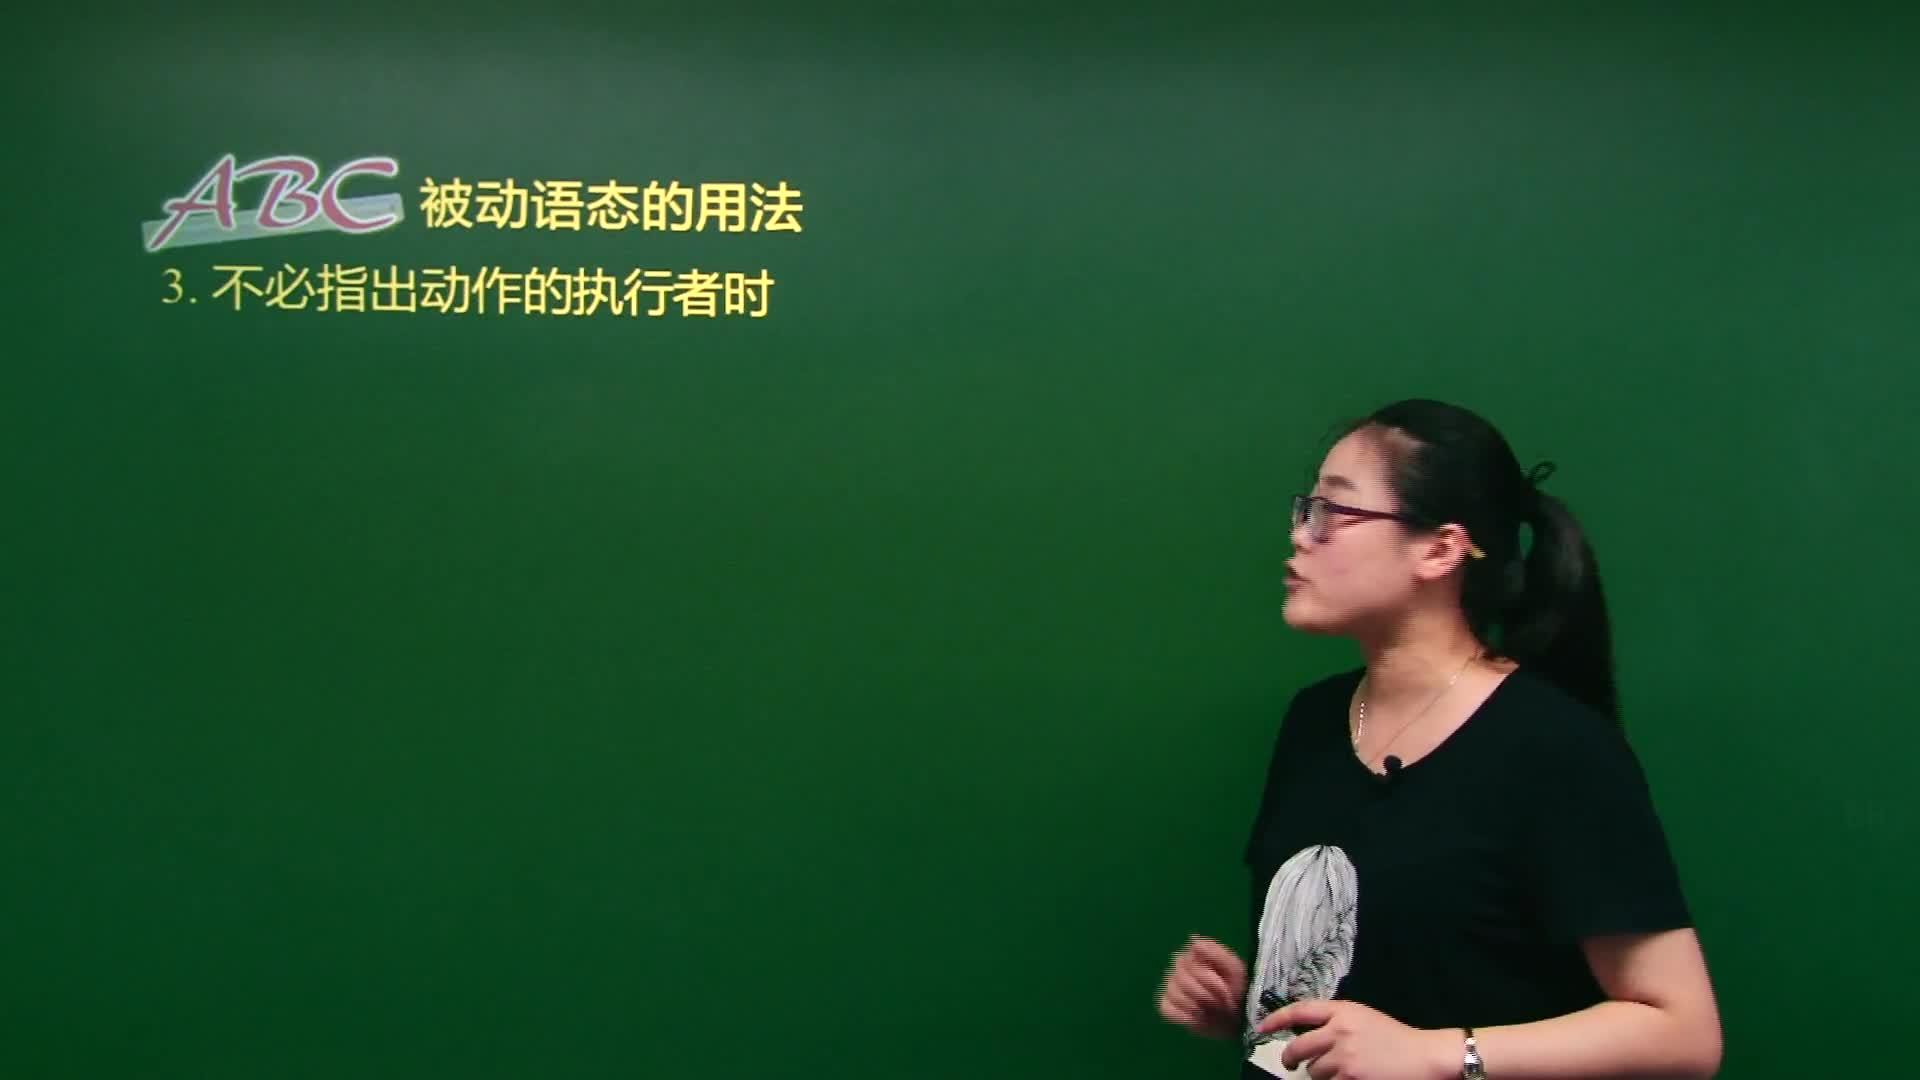 本视频是由北京悦一商贸有限公司提供,并授权学科网进行发布,盗版必究!视频由经验丰富教师结合教材进度及中考热点精心录制,能够全面掌握基础知识点,分清重难点高效学习,视频音质清晰,内容讲解详细,全面训练学生听力及语法知识、阅读作文等能力,深受广大师生喜爱! [来自e网通客户端]